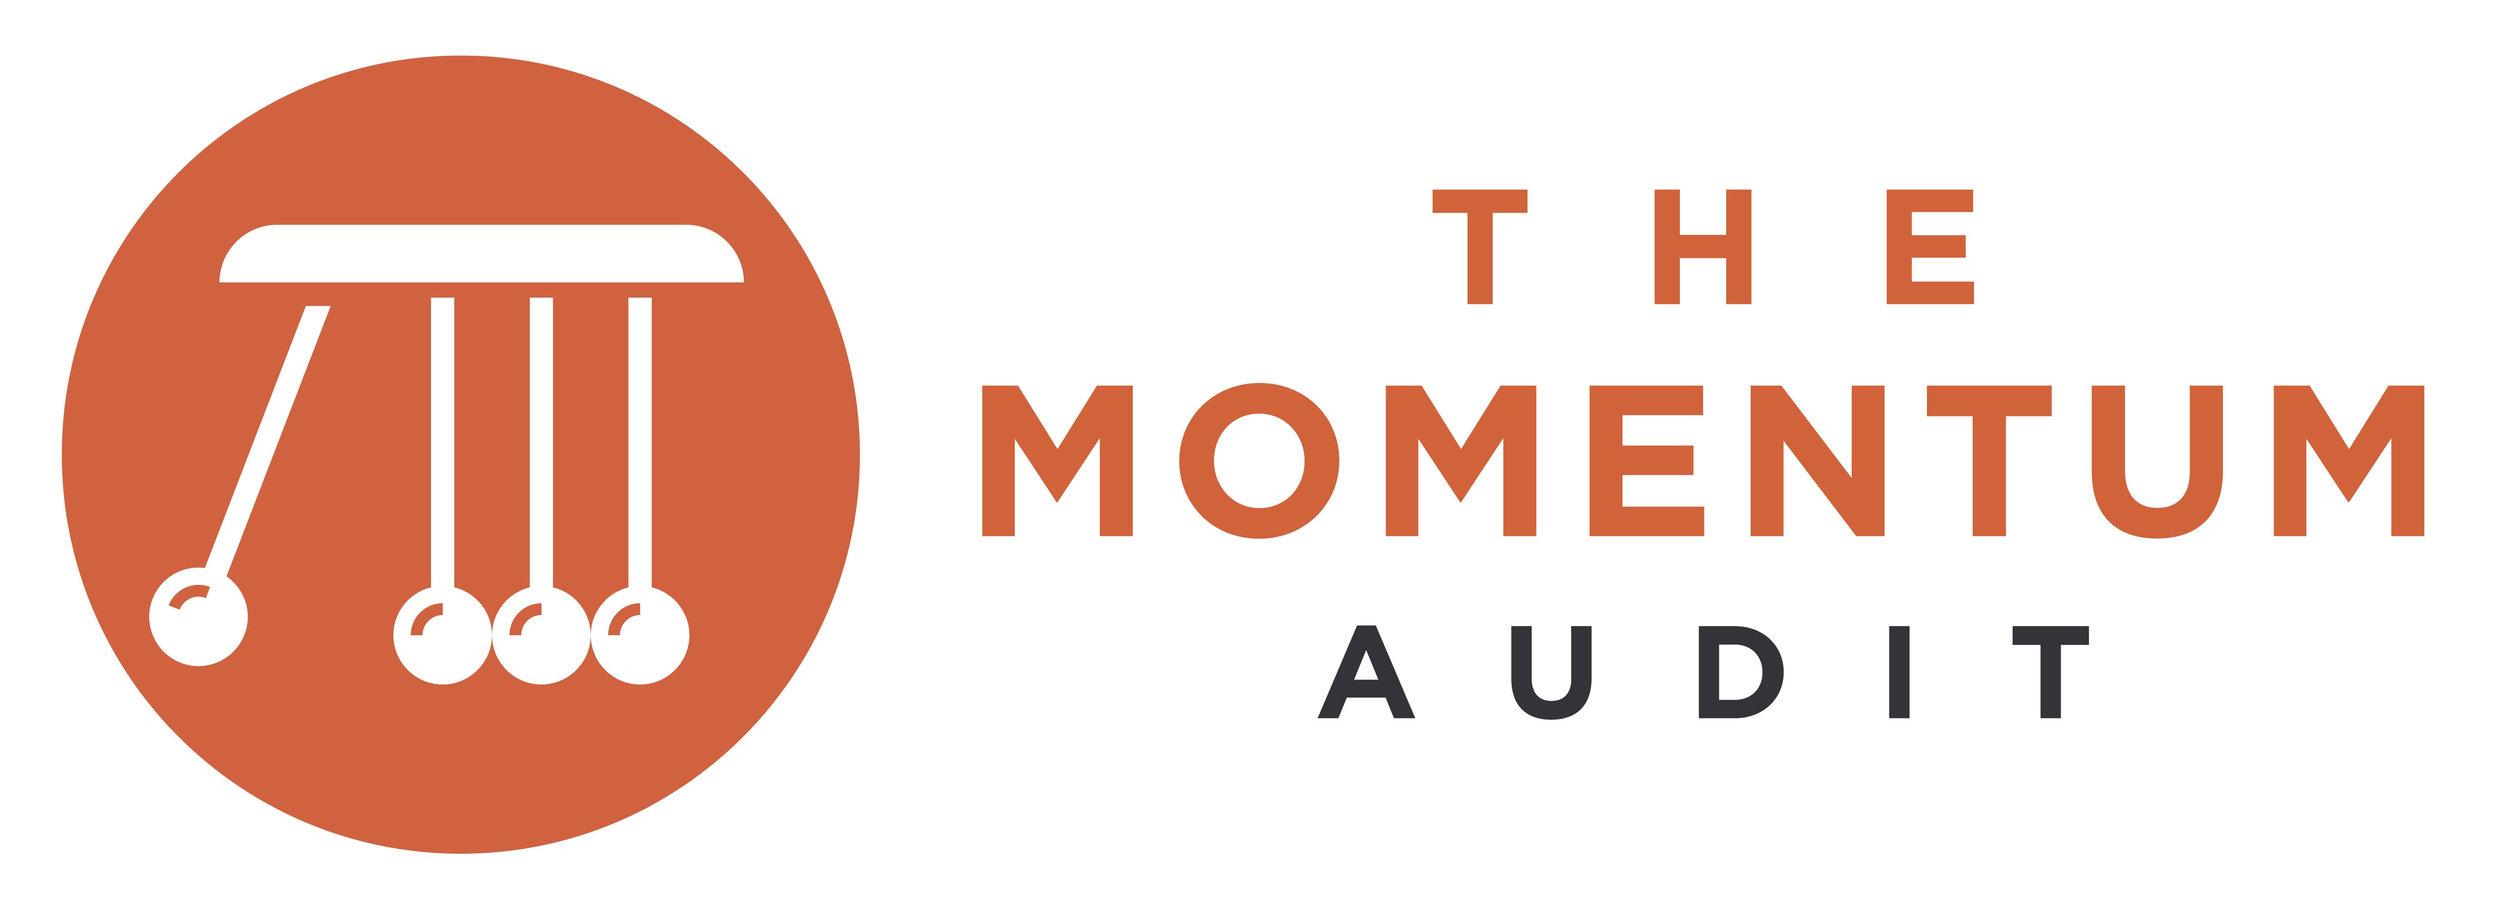 Momentum Audit Logo.jpg